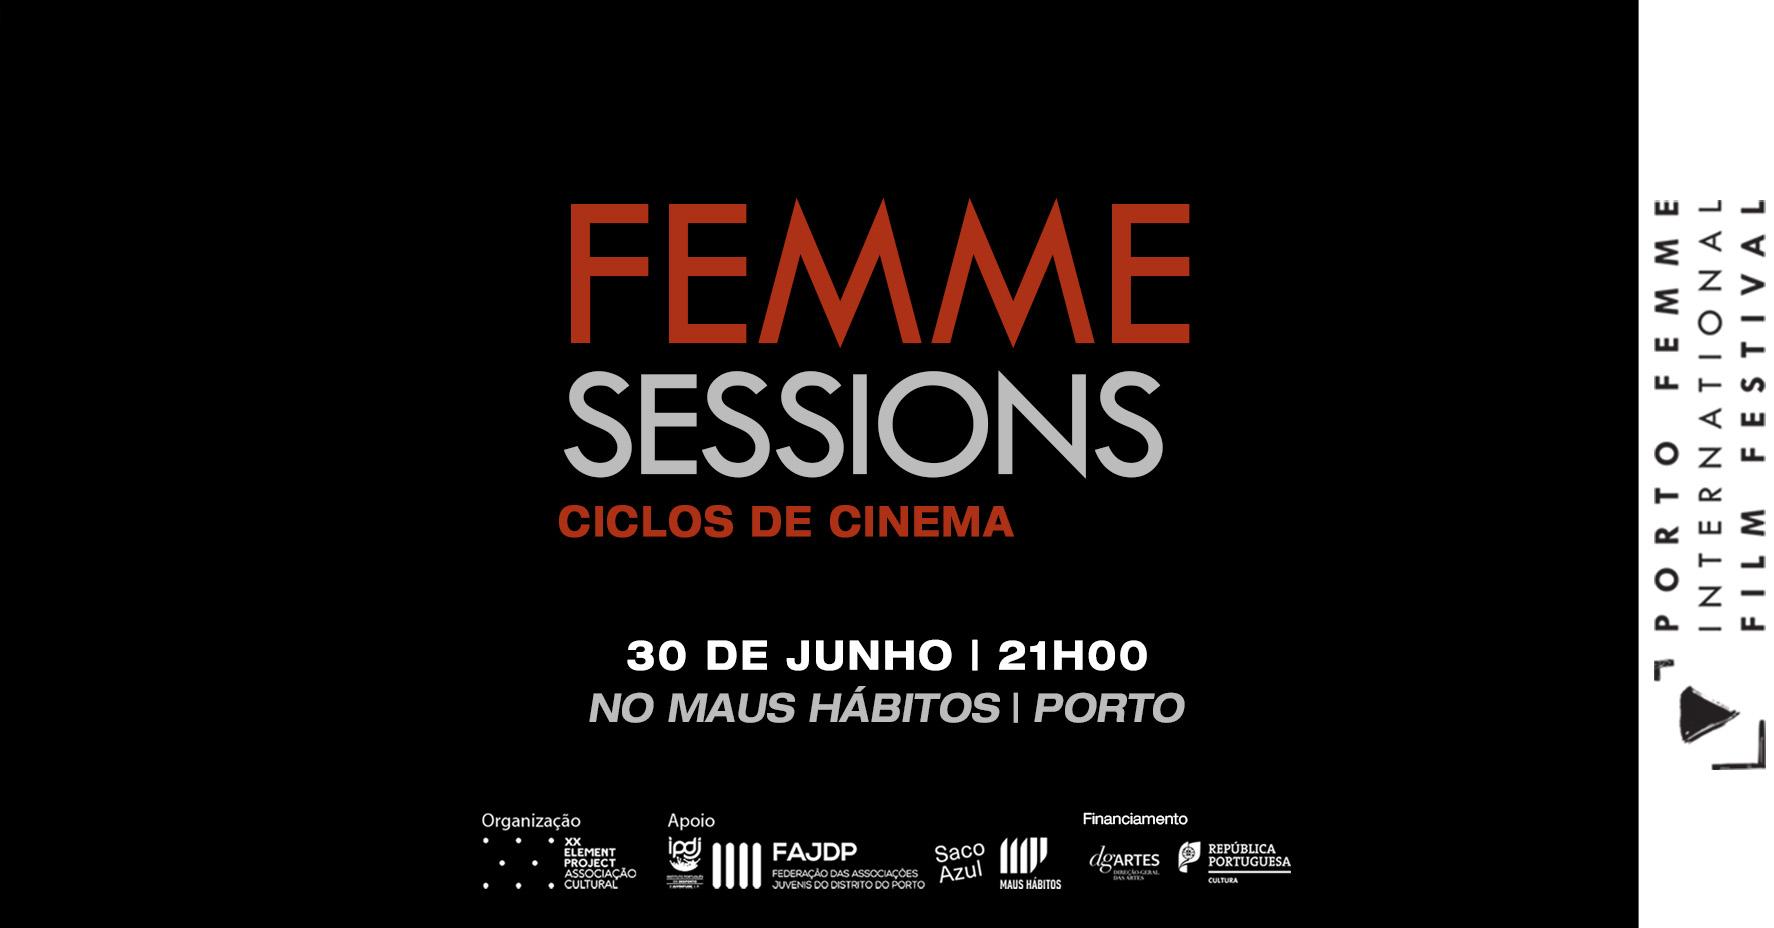 FEMME Sessions #38 | Maus Hábitos